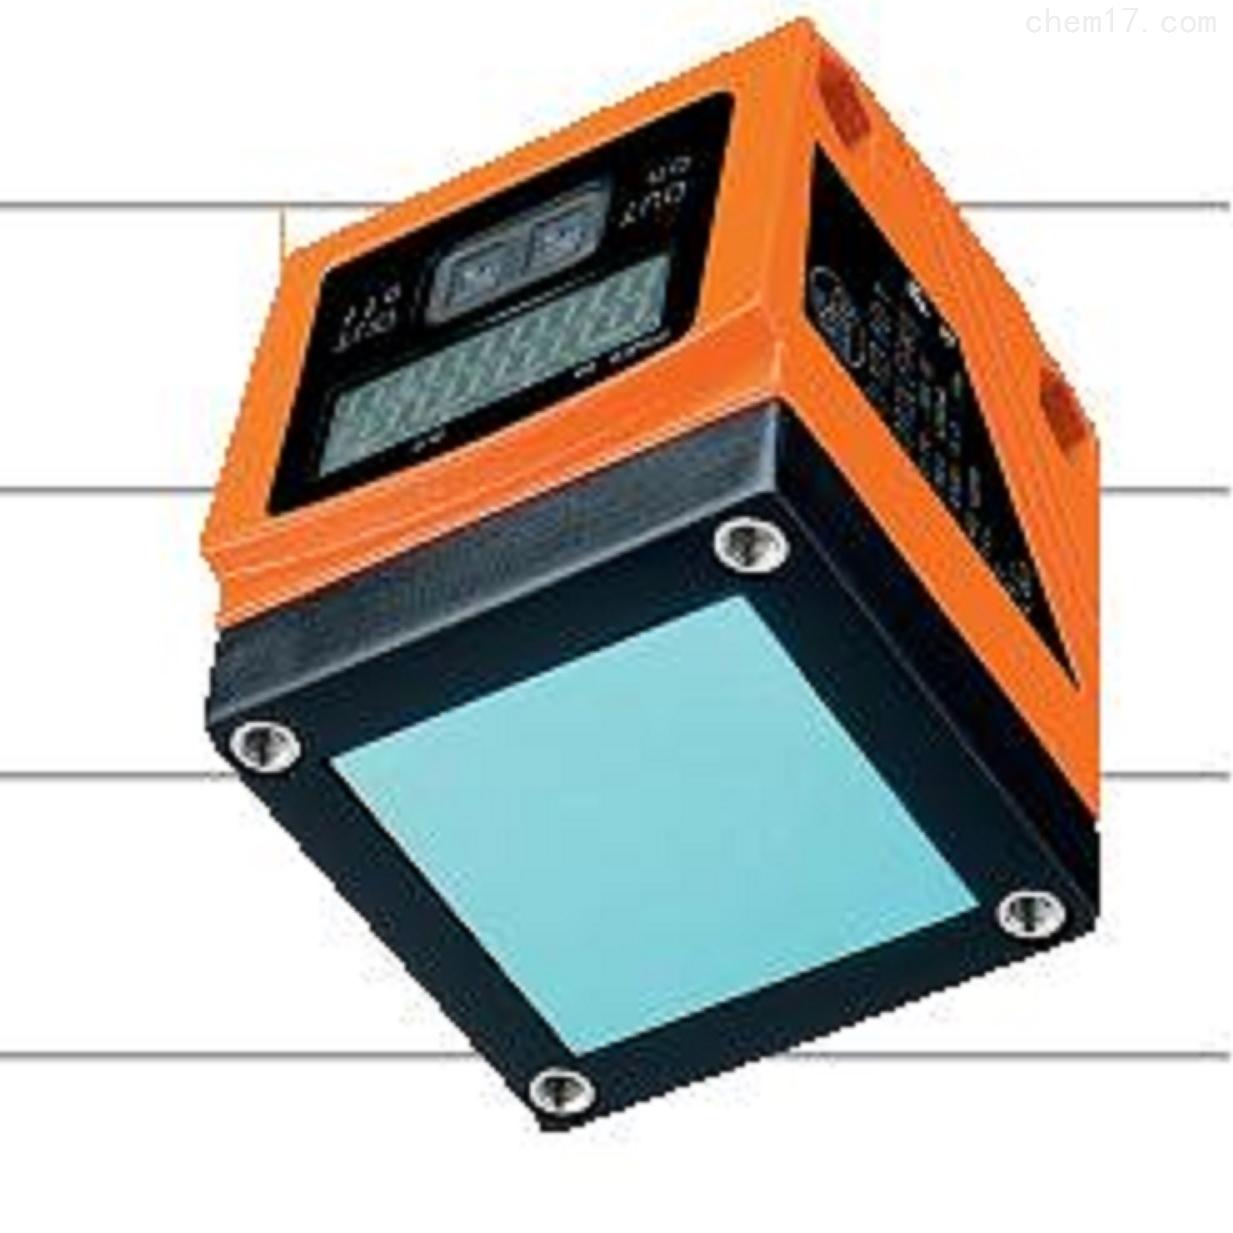 易福门传感器IFM德国进口价格低